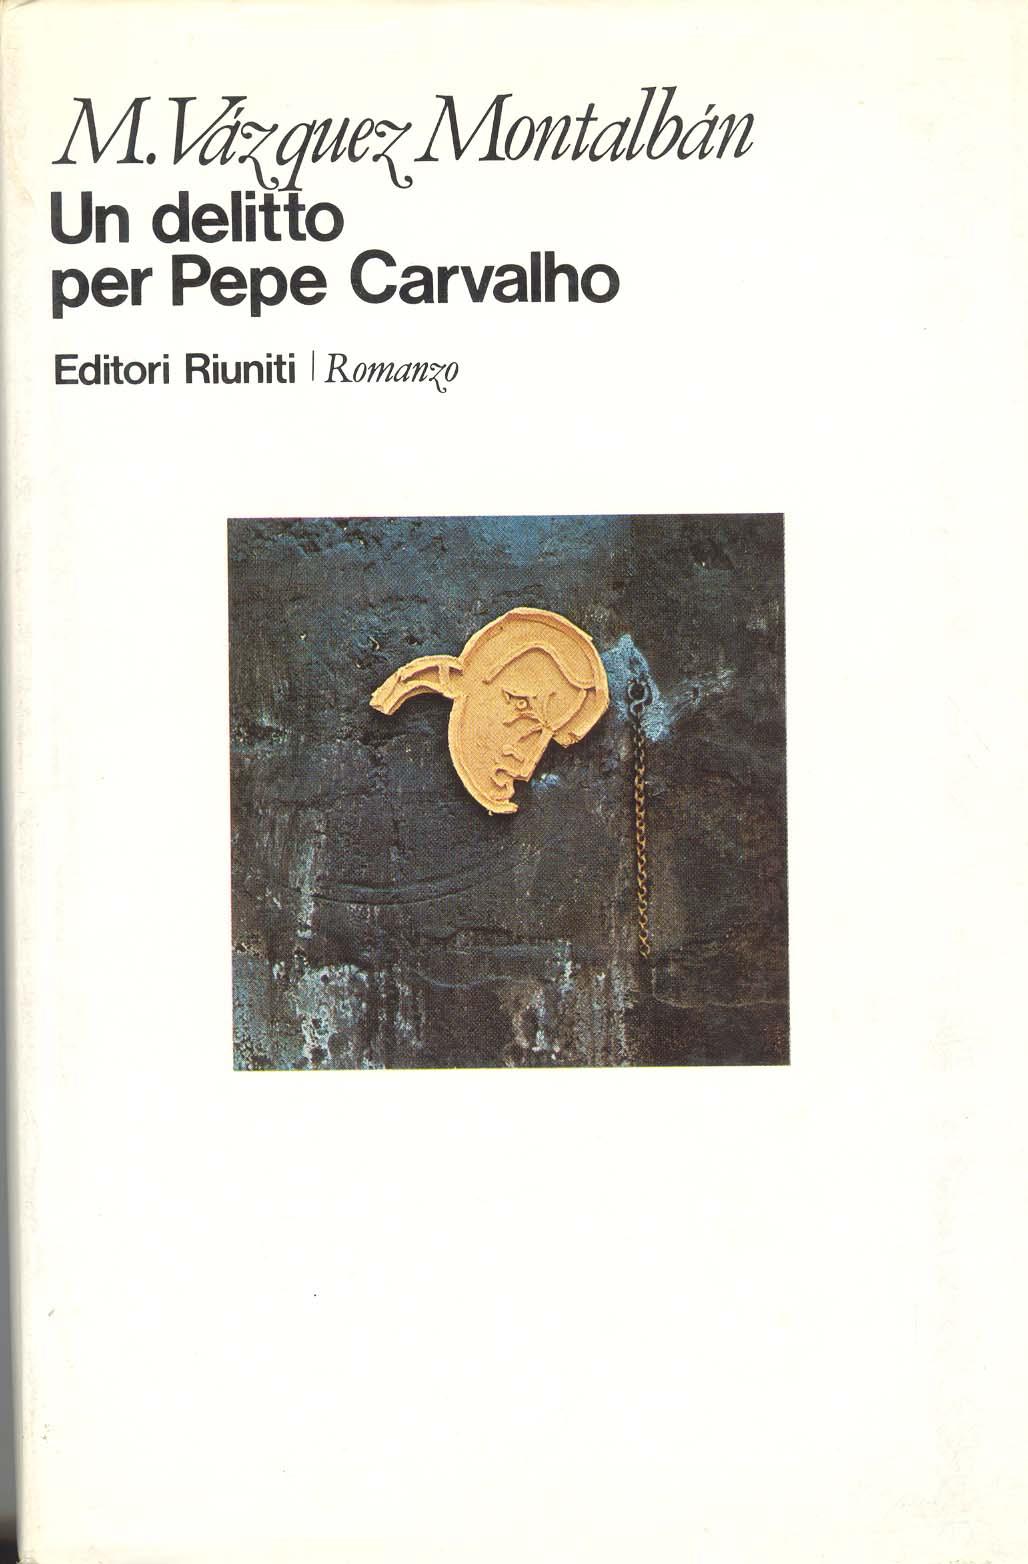 Un delitto per Pepe Carvalho